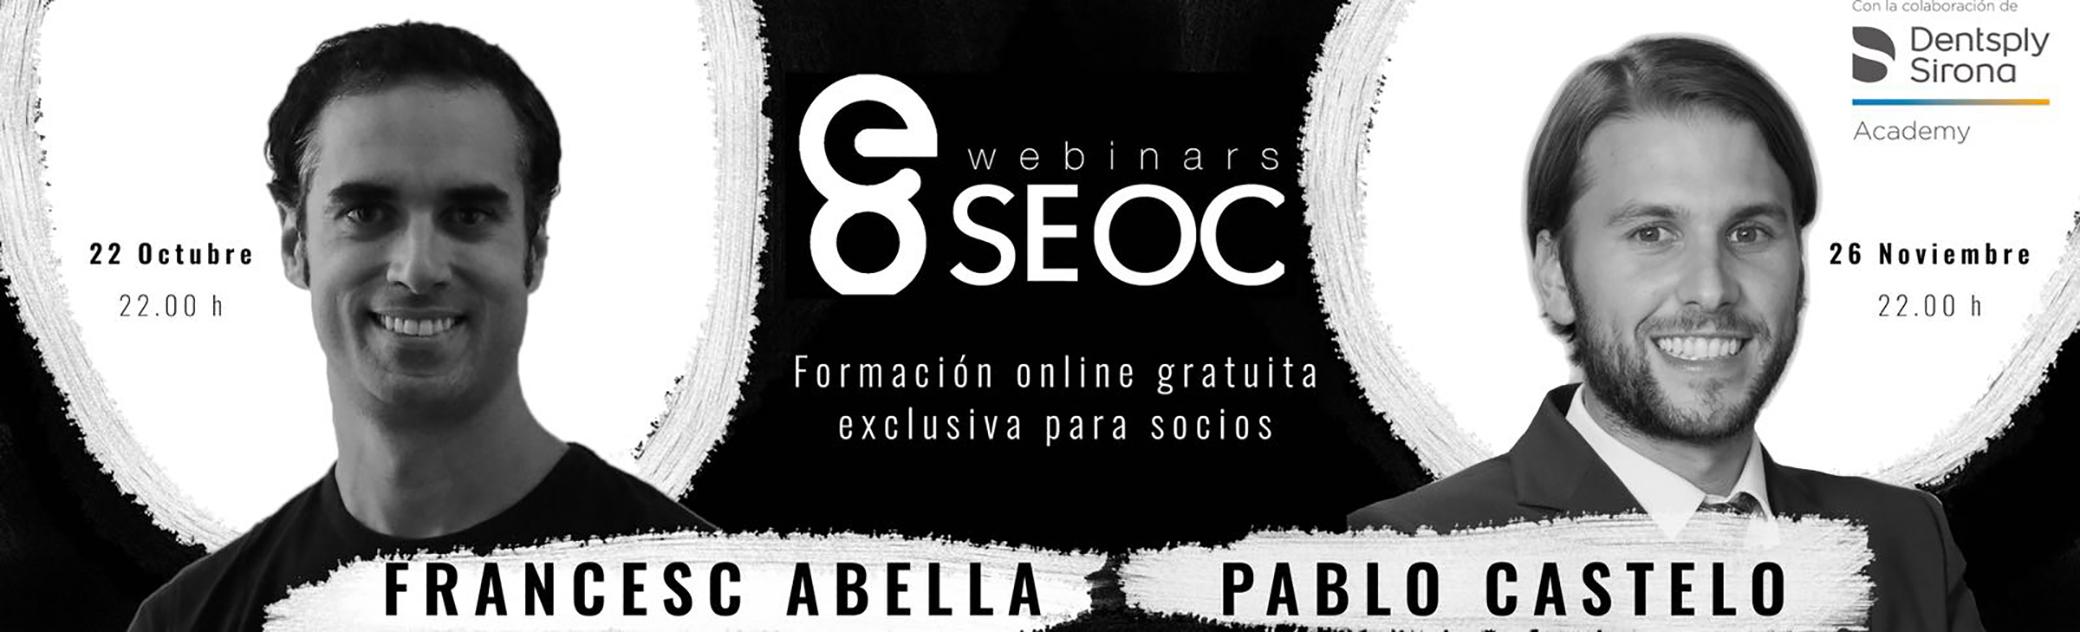 Formación Online_Abella y Castelo